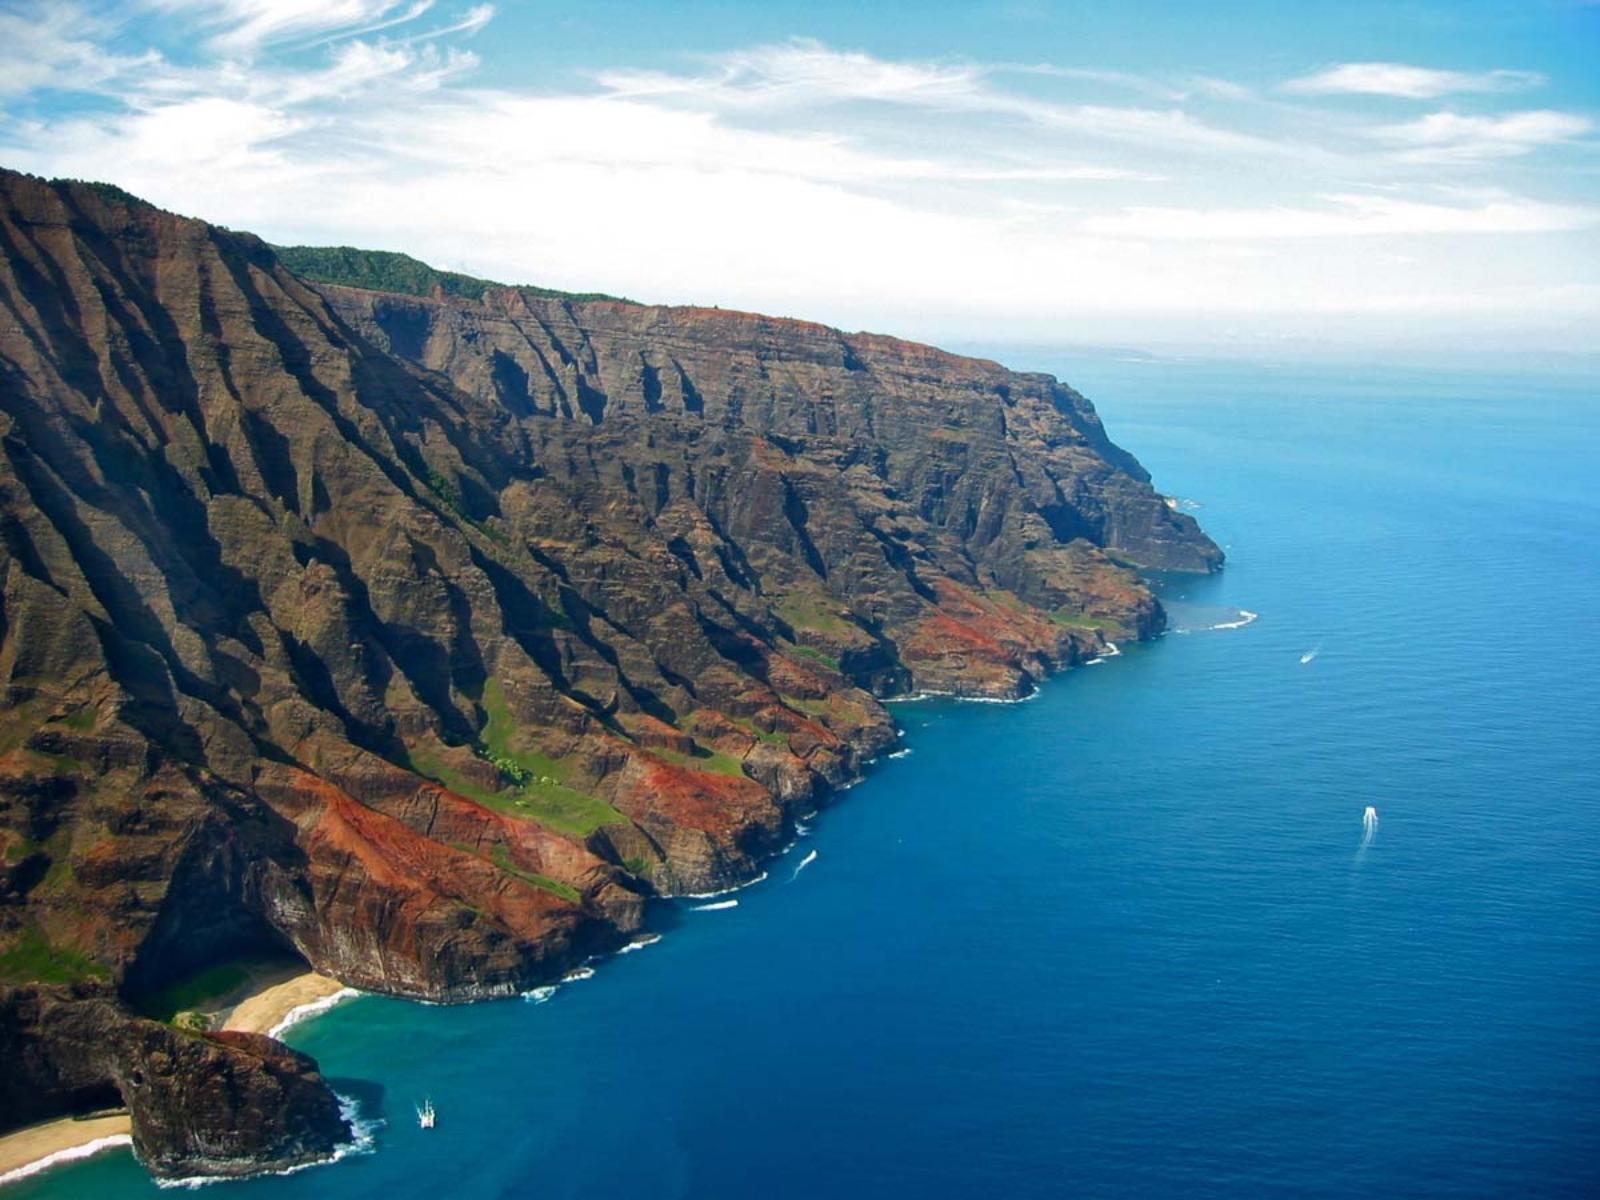 hawaii11-1614357650.jpg